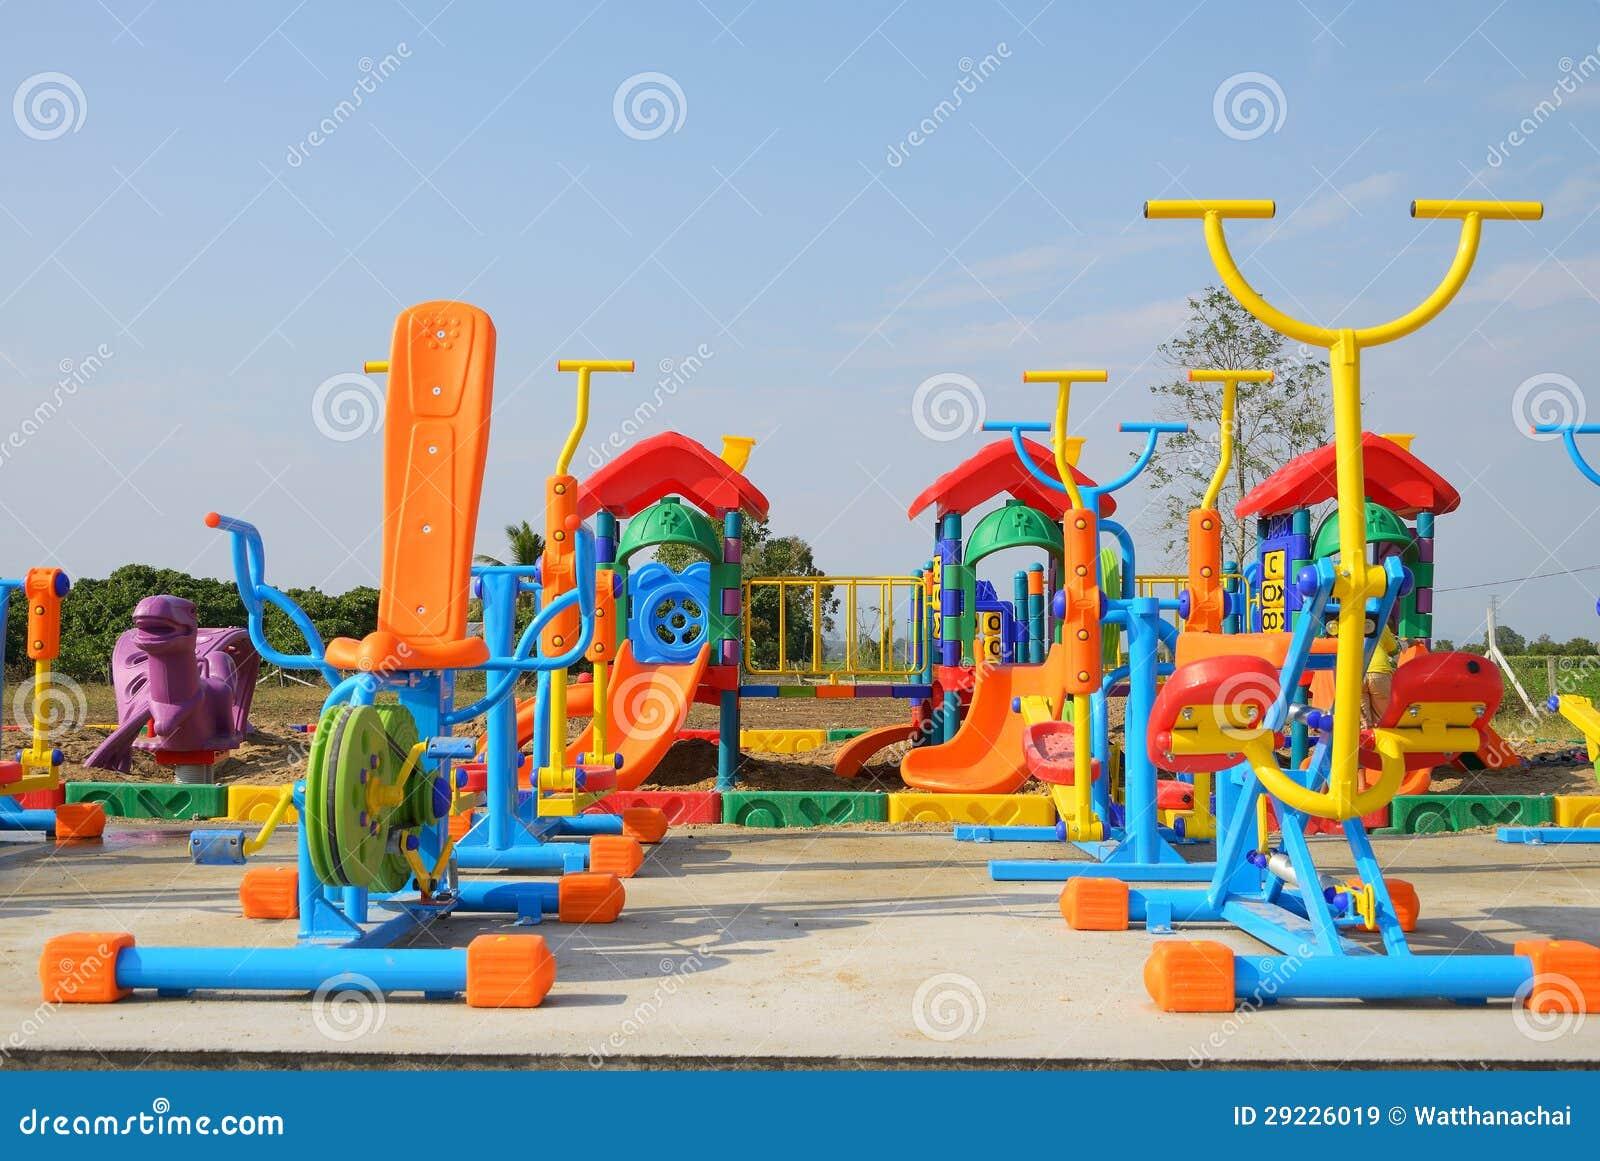 Download Equipamento Colorido Do Campo De Jogos Em Um Parque Exterior. Imagem de Stock - Imagem de equipamento, exercício: 29226019